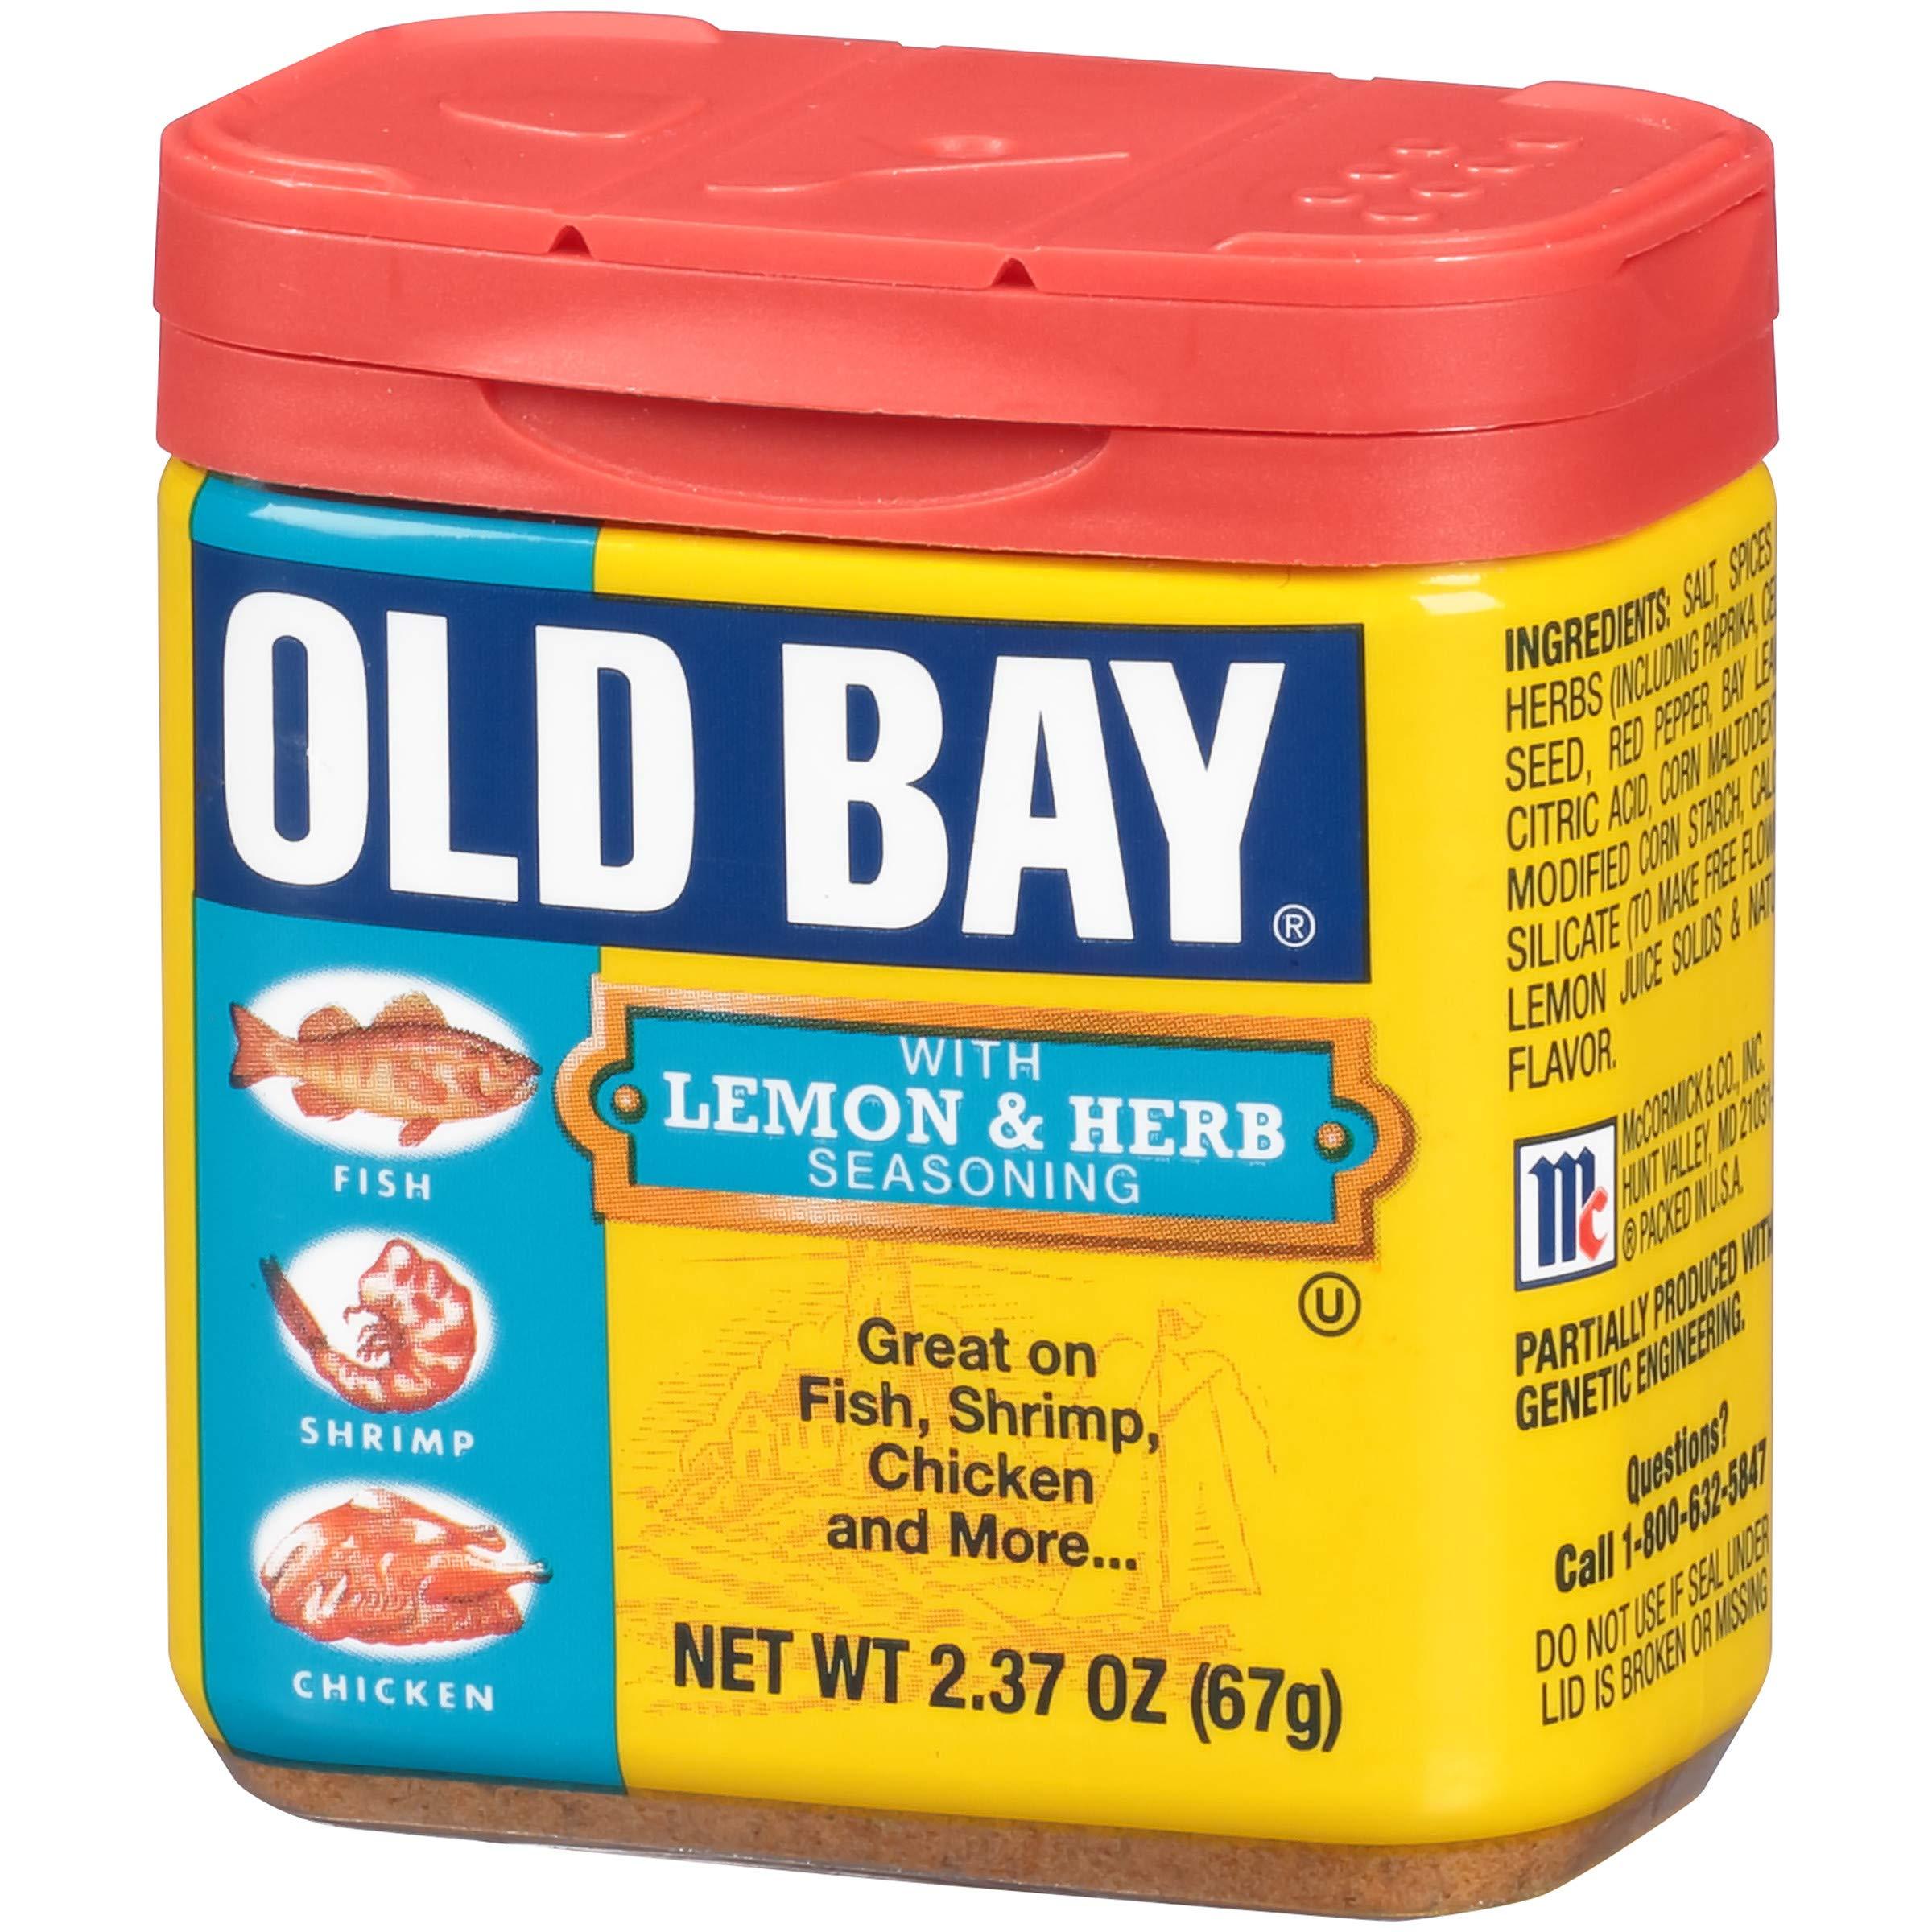 OLD BAY Lemon & Herb Seasoning, 2.37 oz